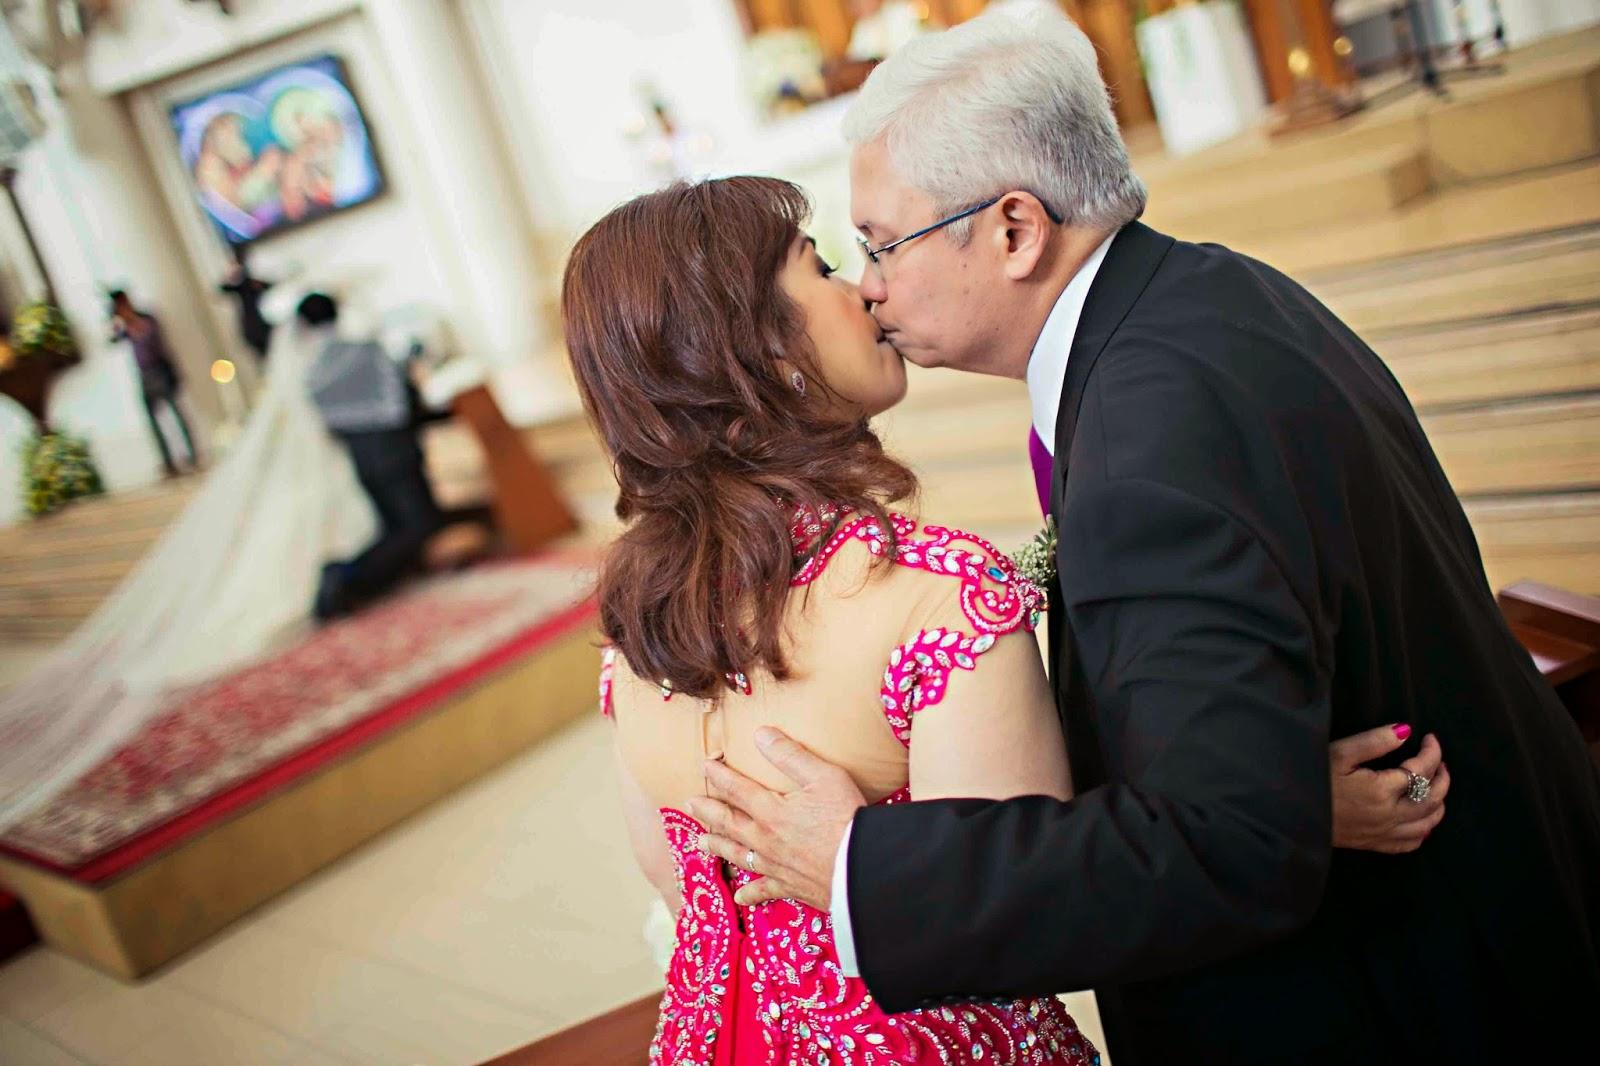 Folks Kissing